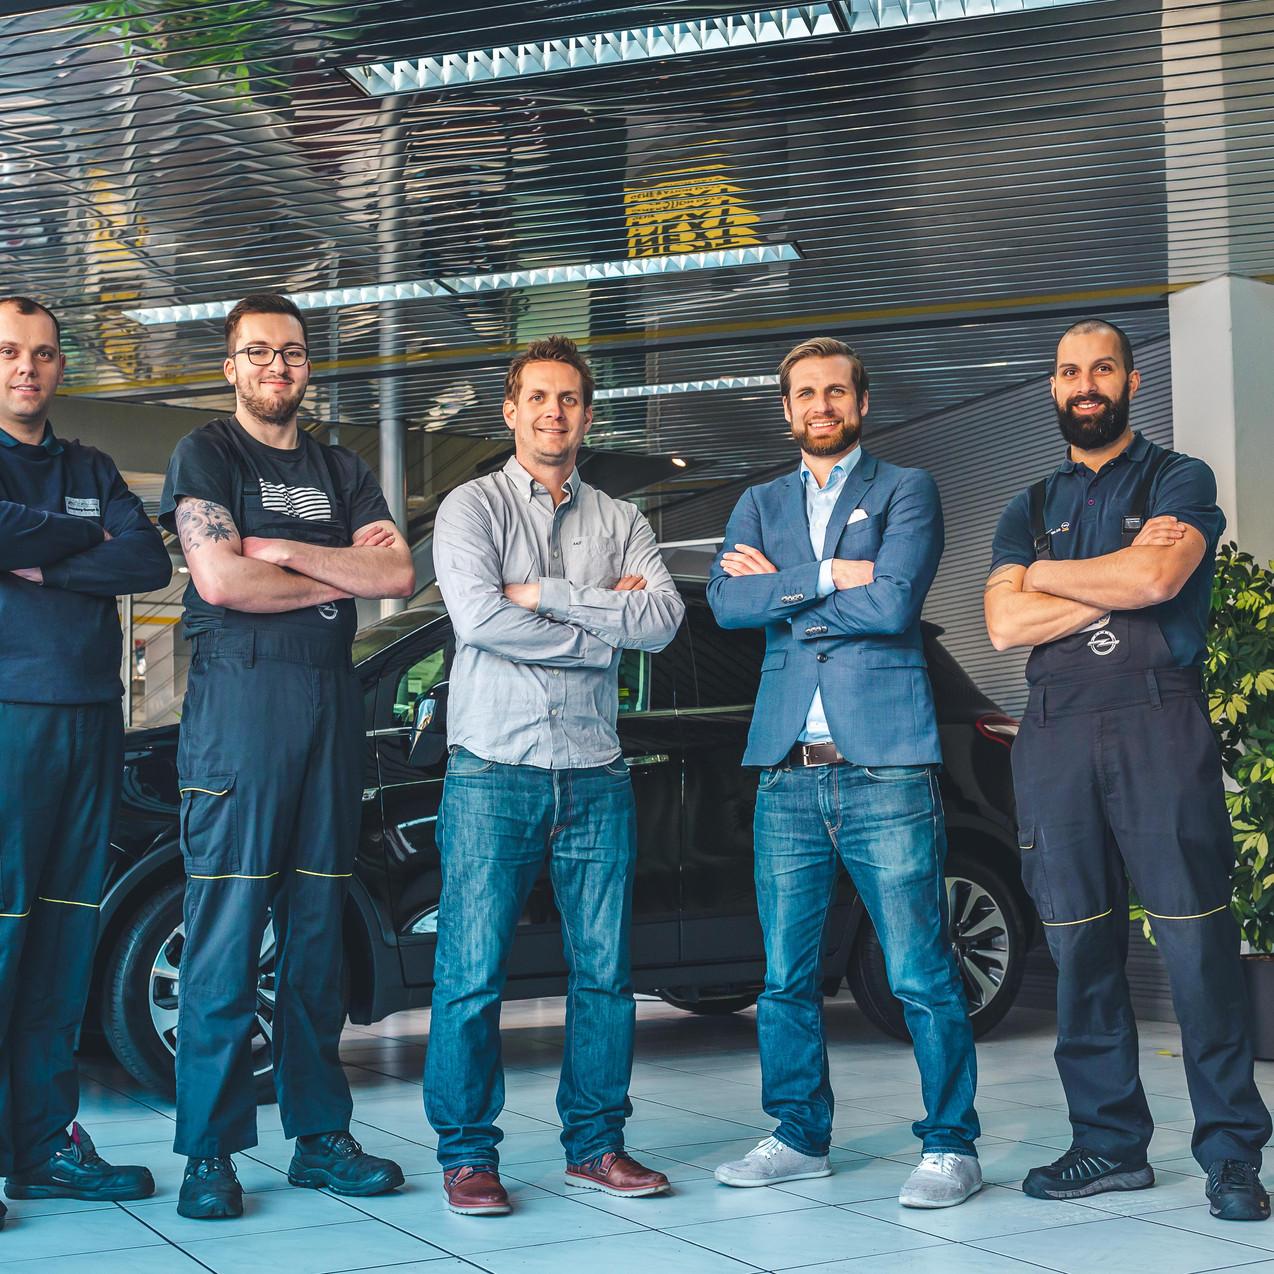 Sonnenberg Garage Teamfoto